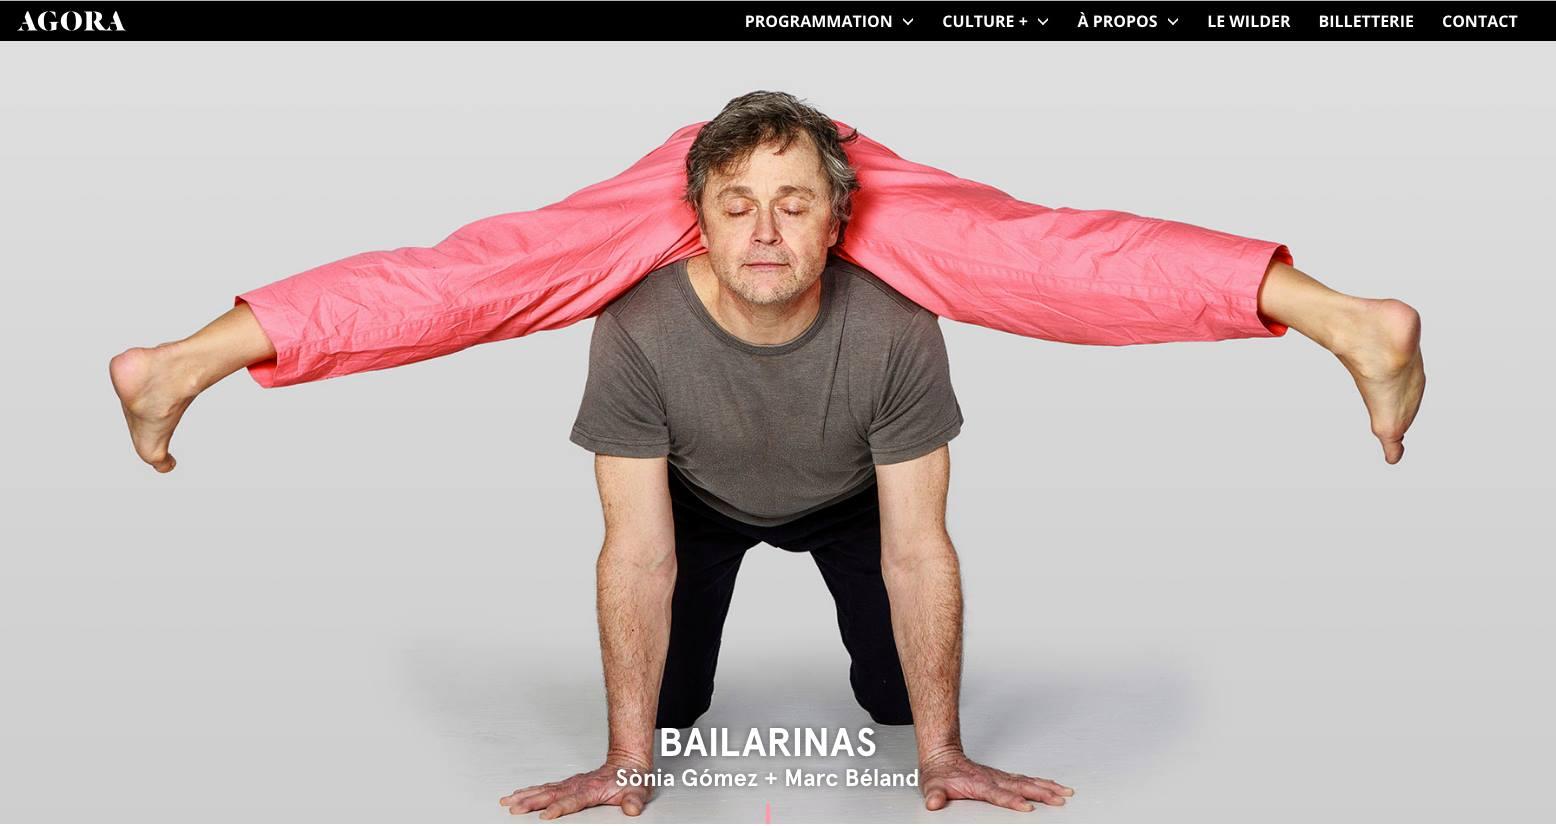 Bailarinas - Sonia Gomez et Marc Béland